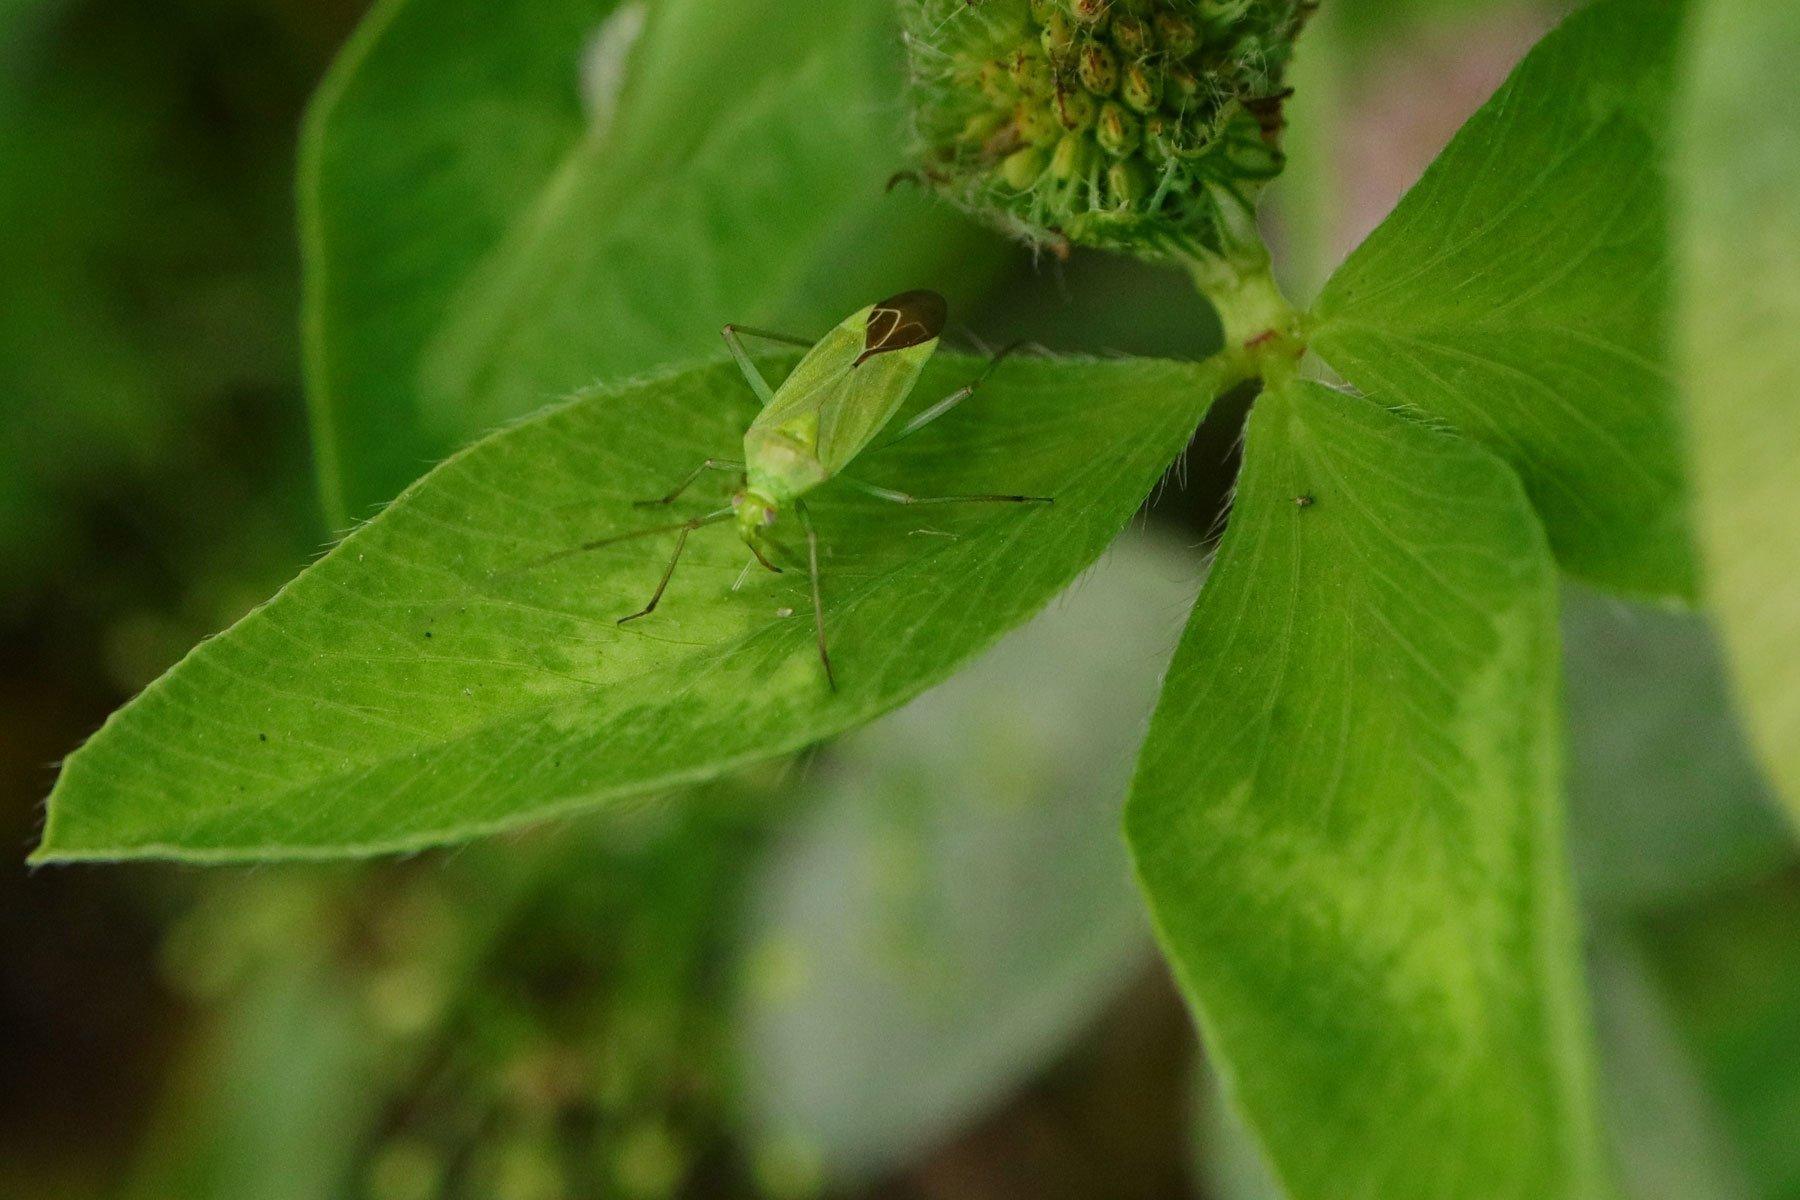 Calocoris affinis